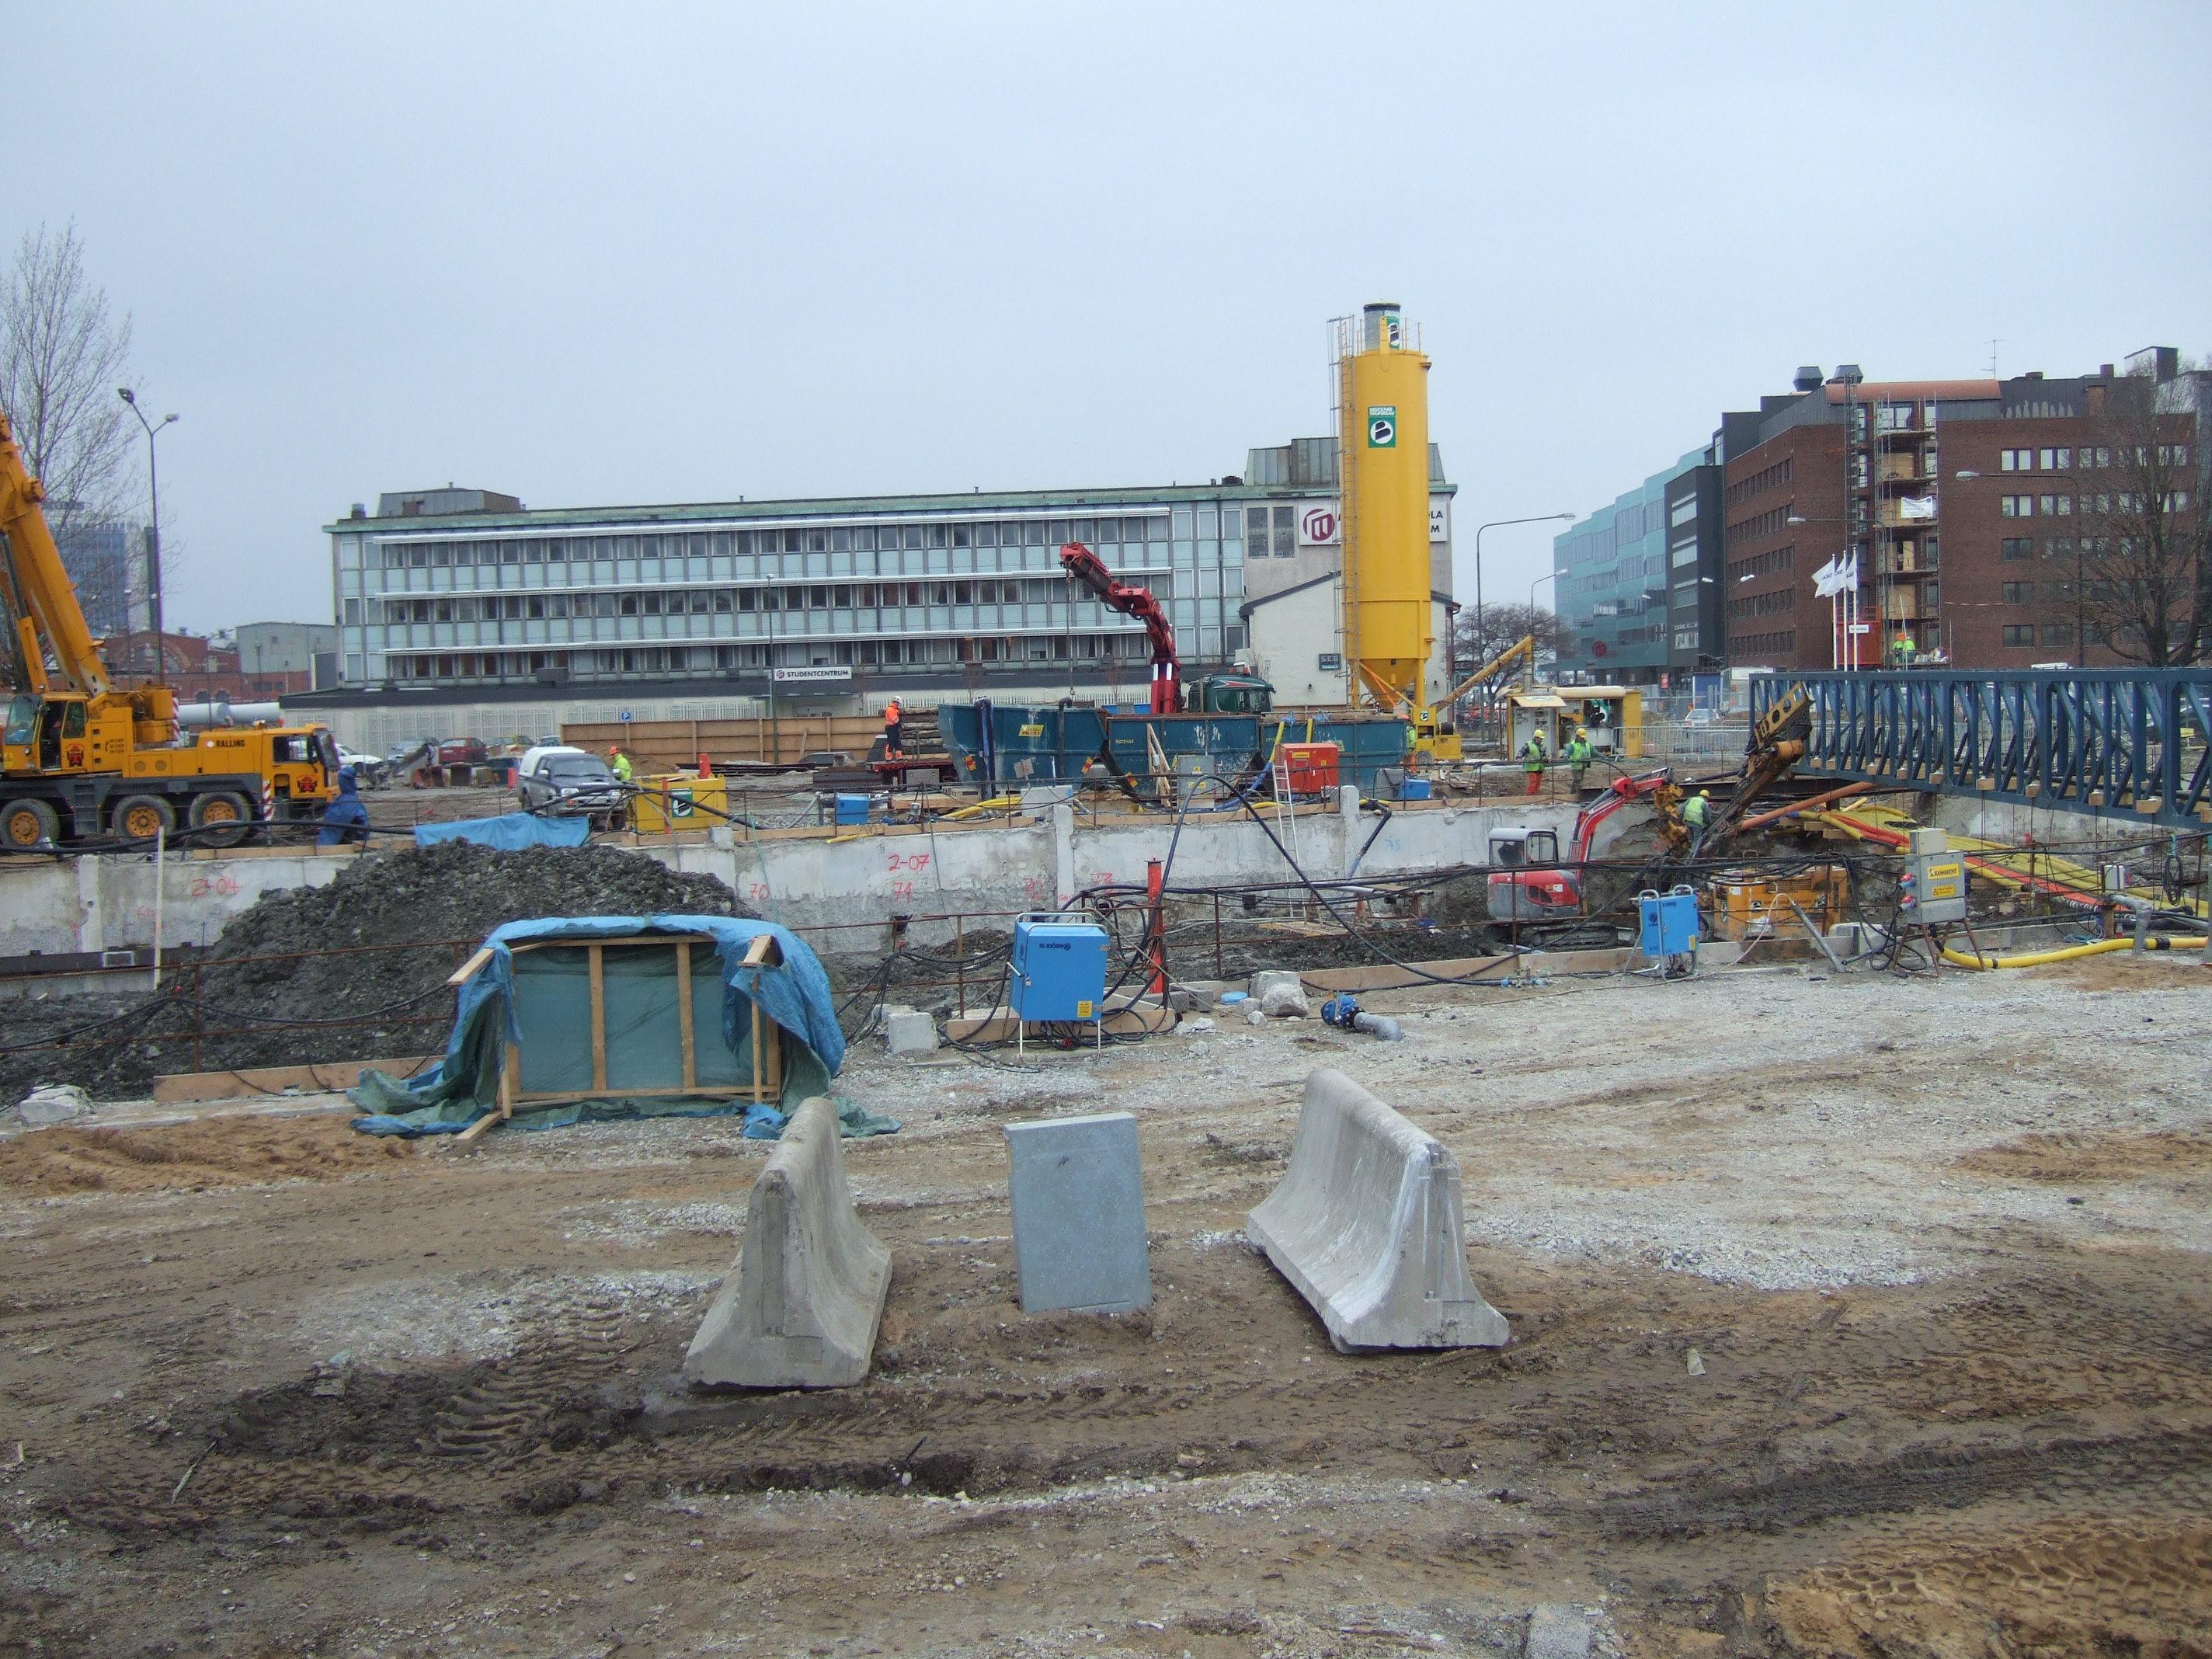 tabus building site construction crane city